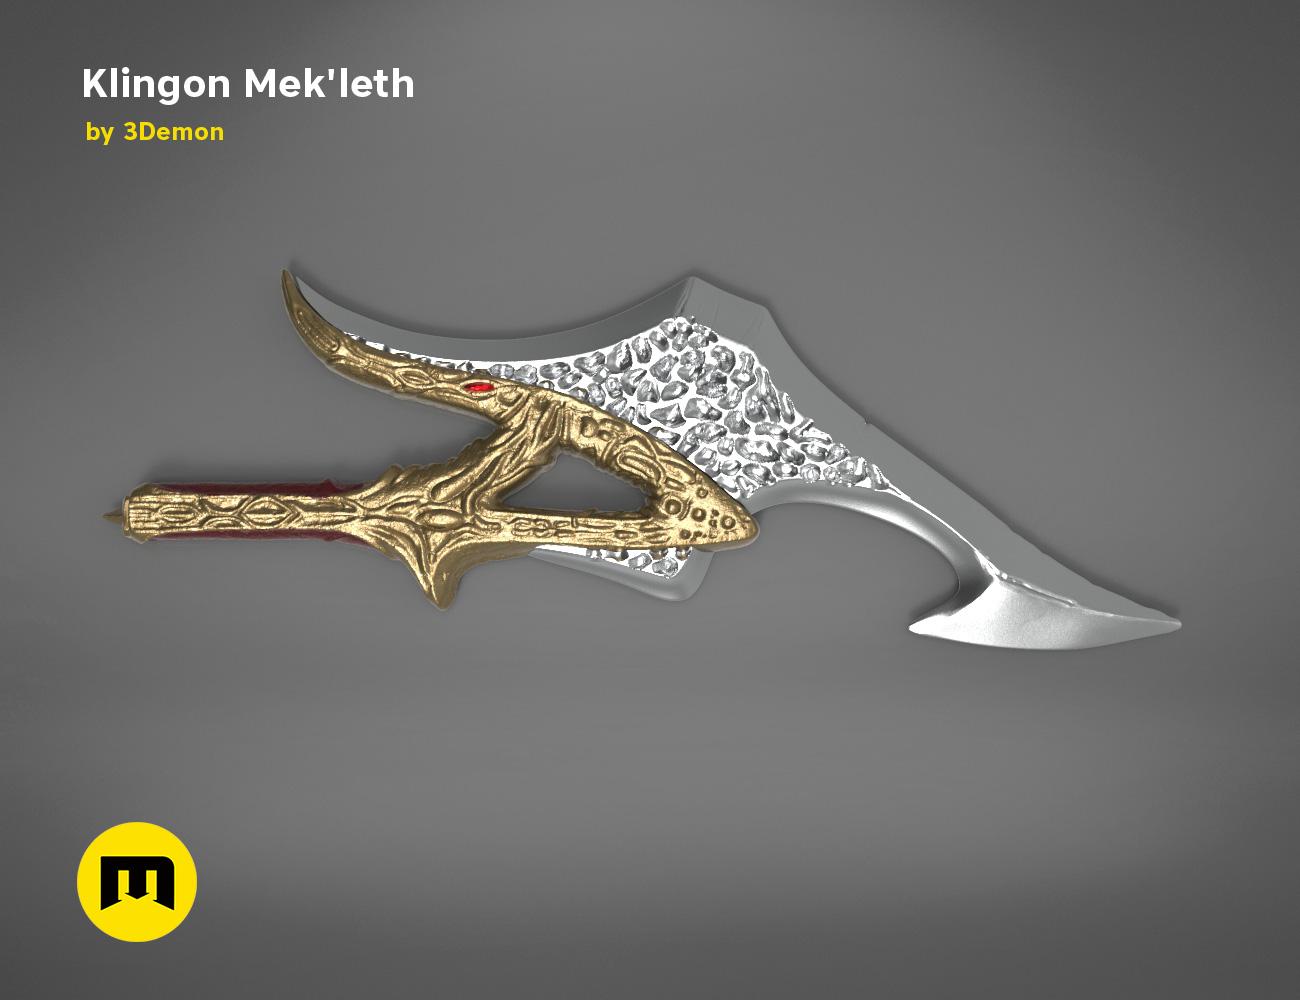 mekleth1_color_render.469.jpg Download OBJ file Klingon Mek'leth - Star Trek • Model to 3D print, 3D-mon